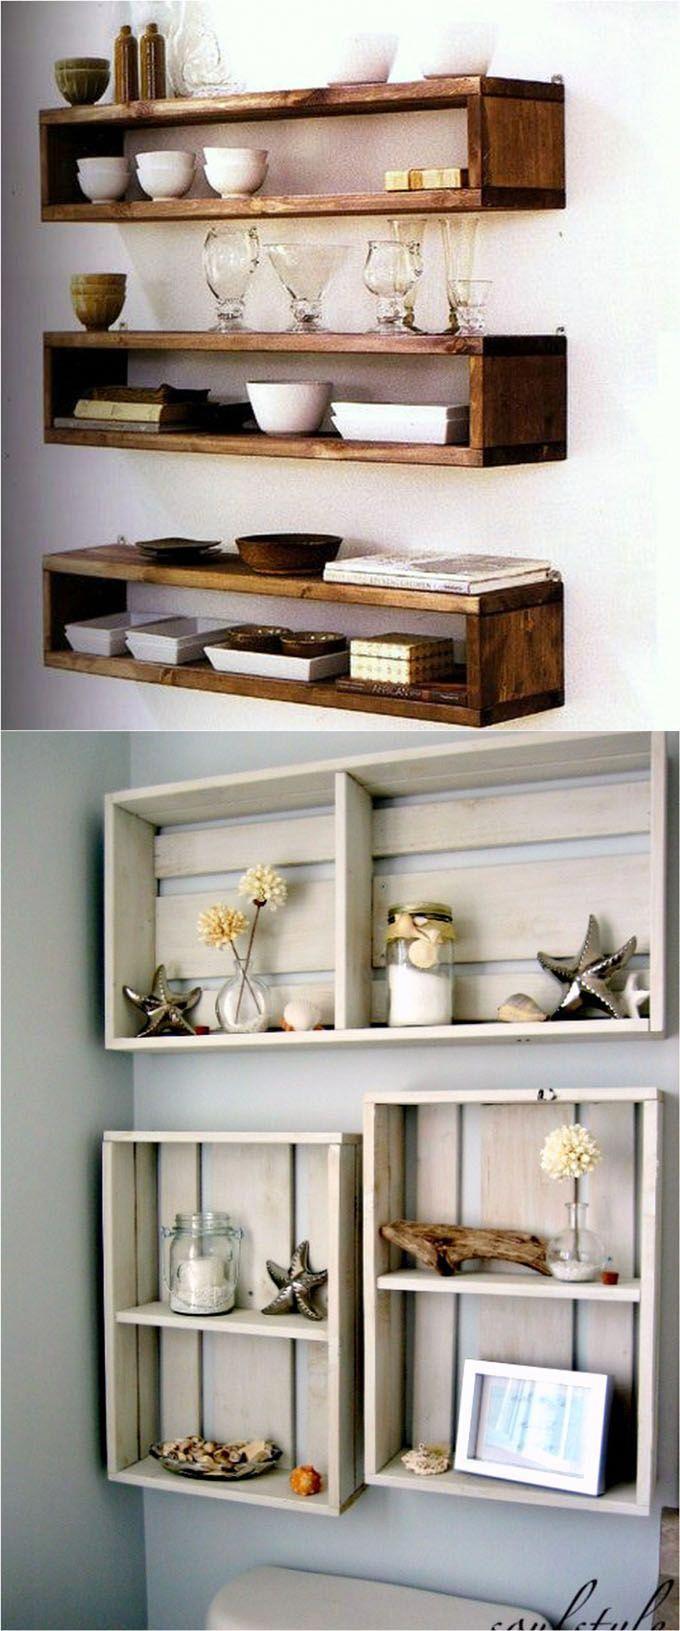 Pallet Wood Floating Shelves Tutorial Pallet Wood Shelves Wood